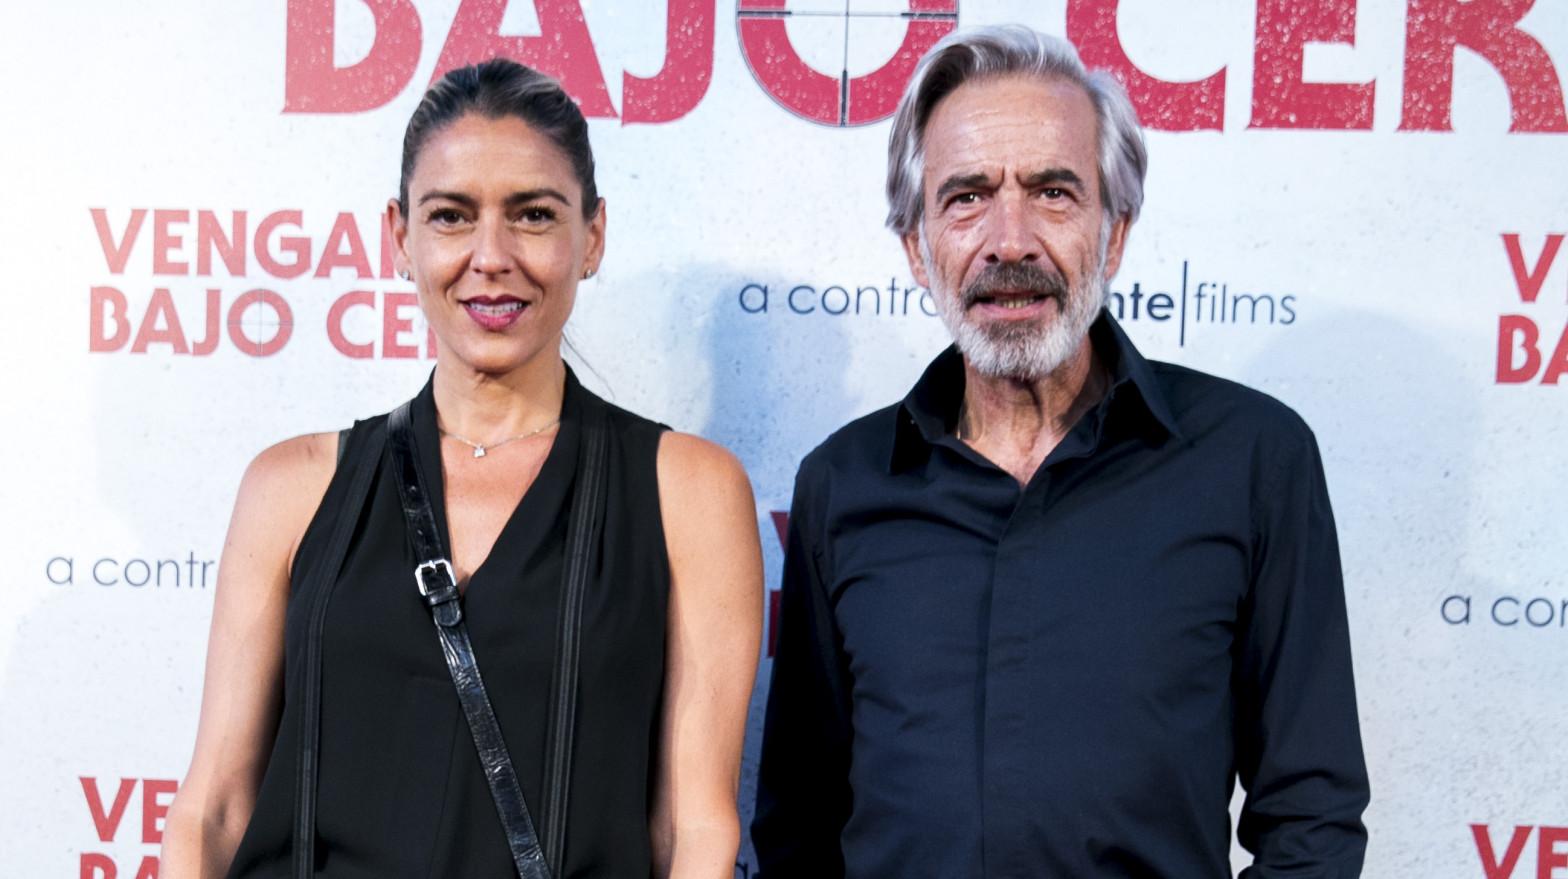 Imanol Arias e Irene Meritxell se separan tras varias crisis y once años de relación